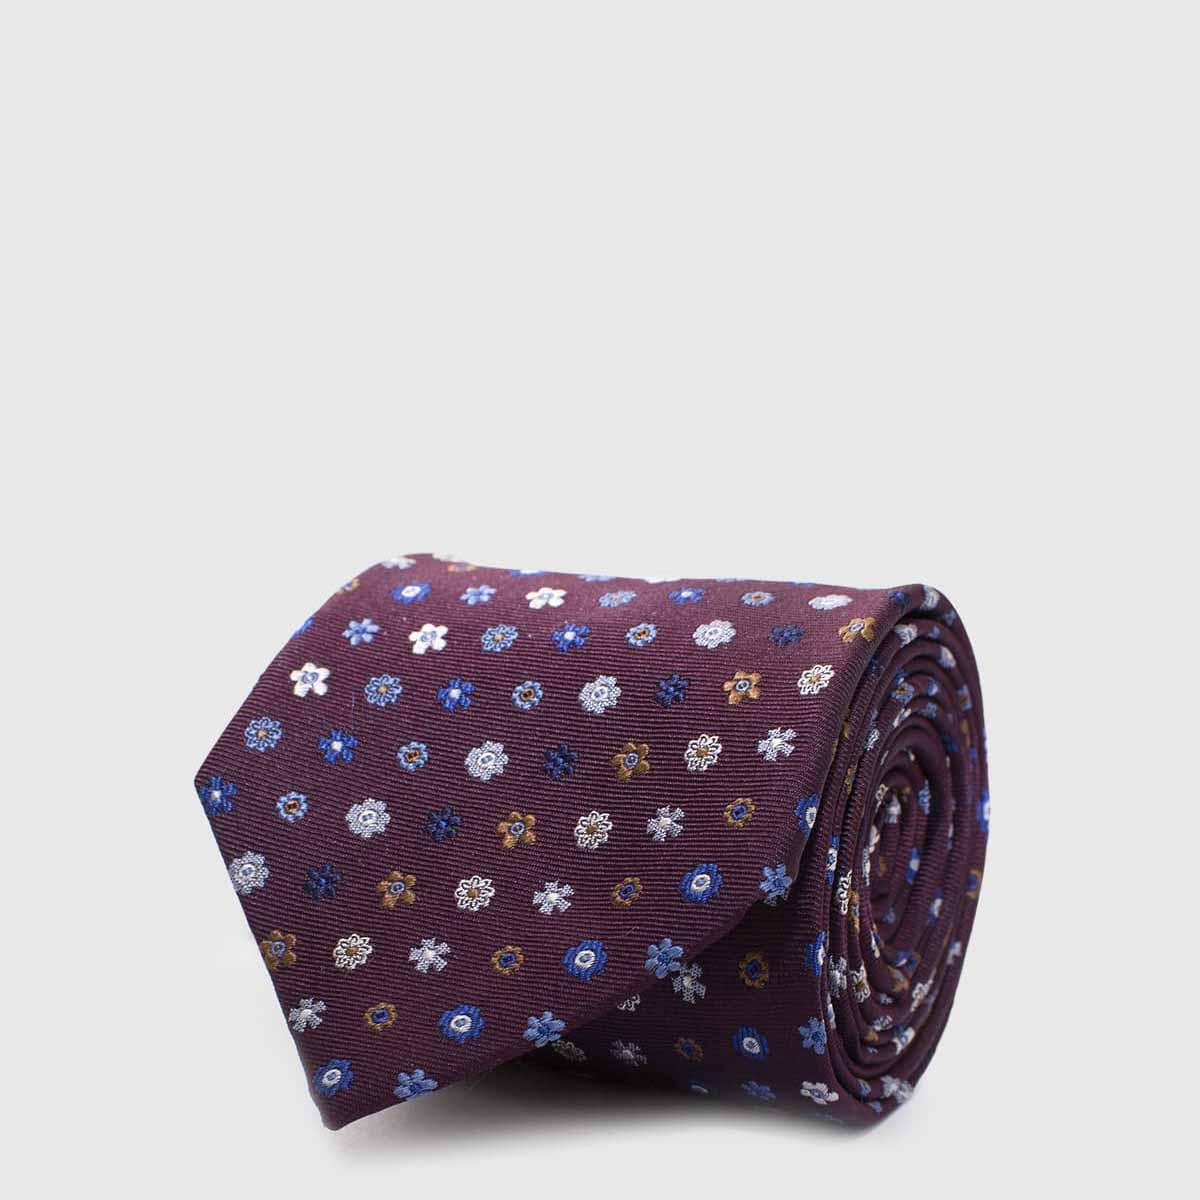 Cravatta 5 pieghebordeaux con fiori di vari colori